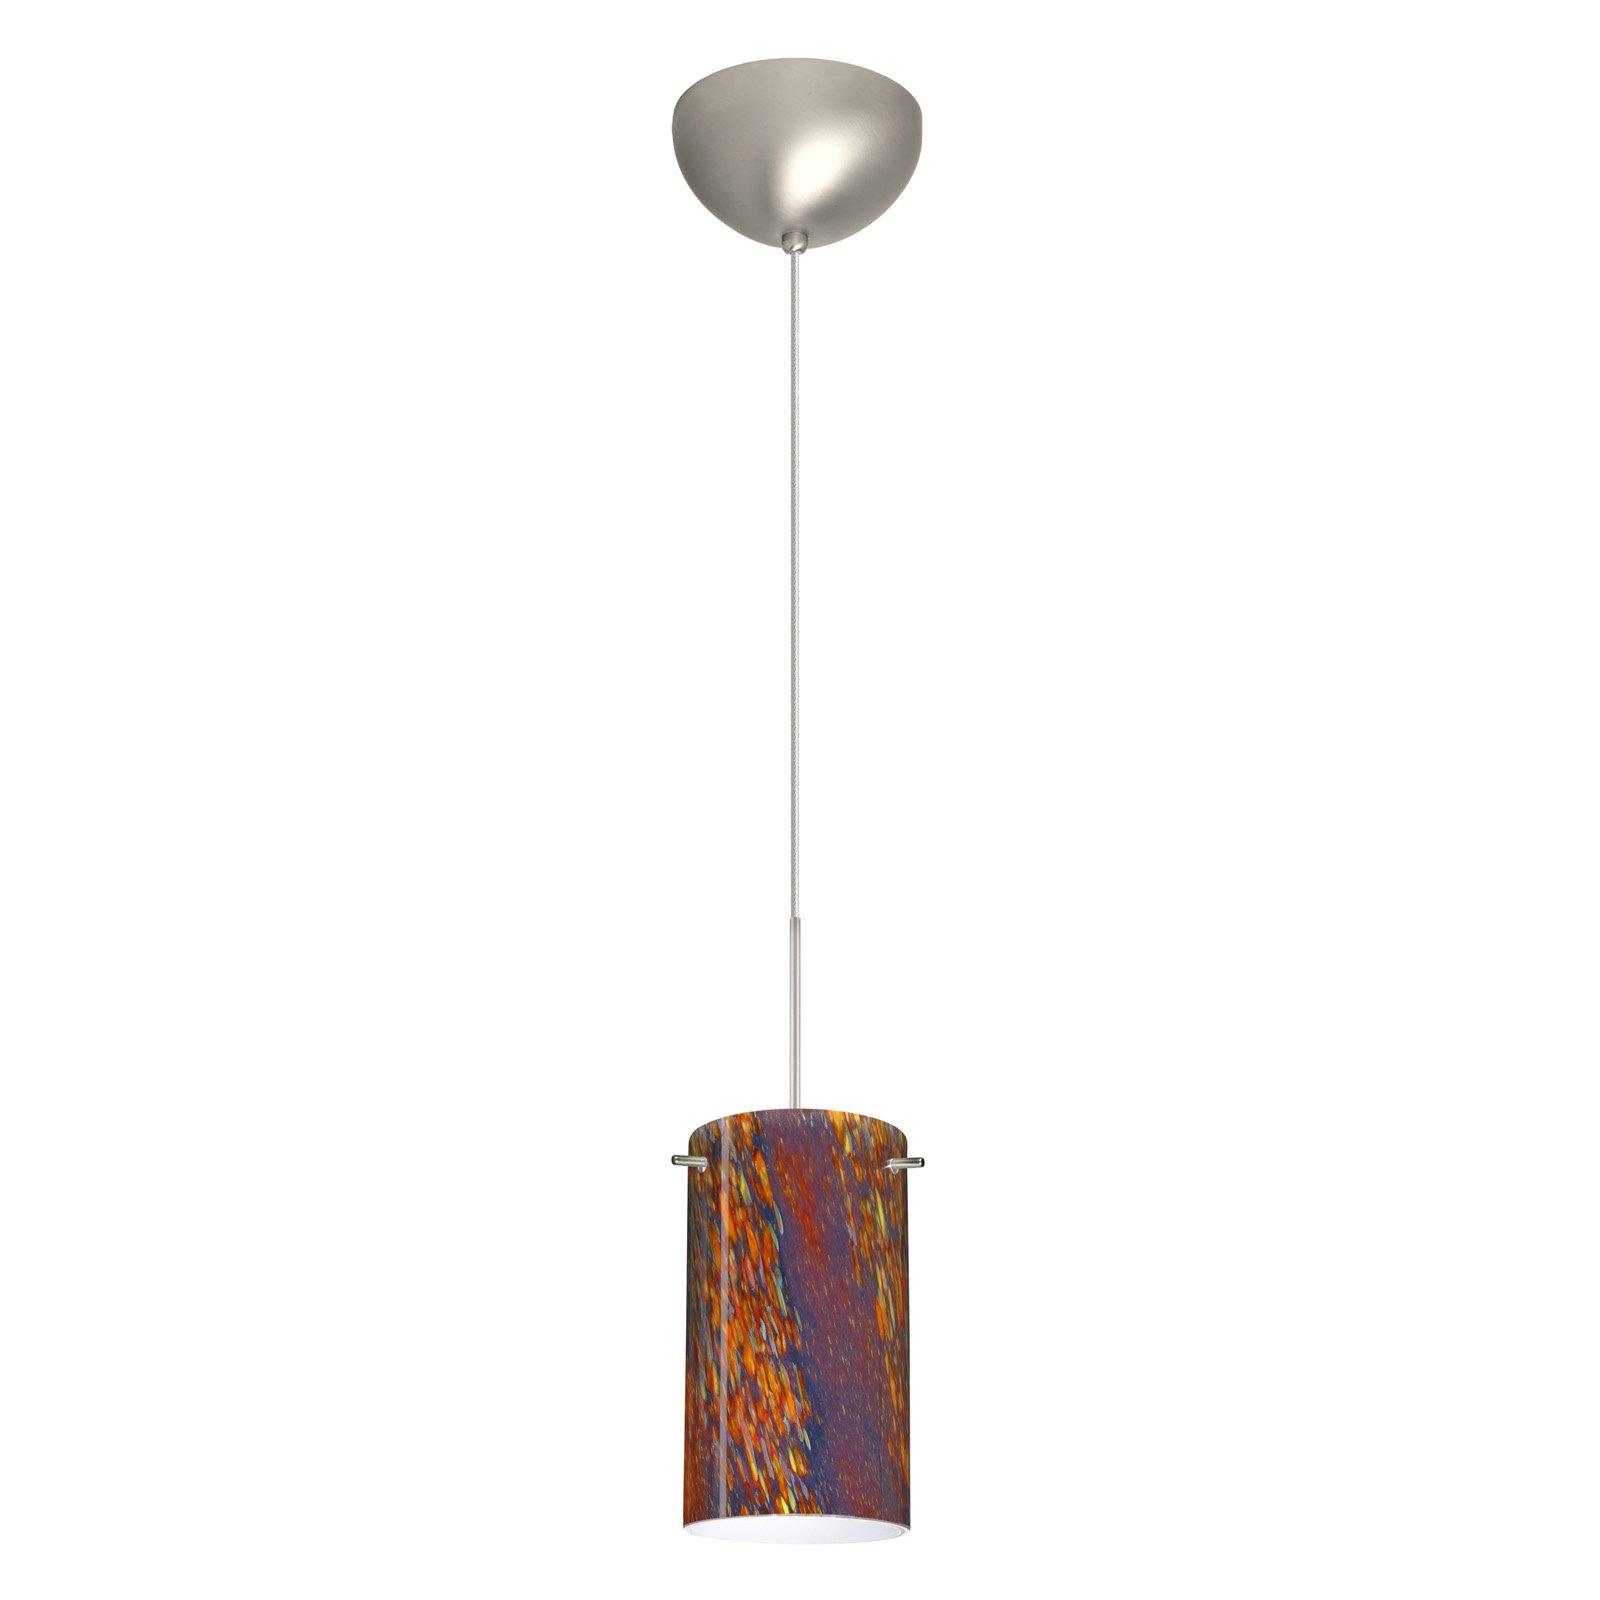 Besa Lighting  1XC-4404CE  Pendants  Stilo  Indoor Lighting  ;Satin Nickel